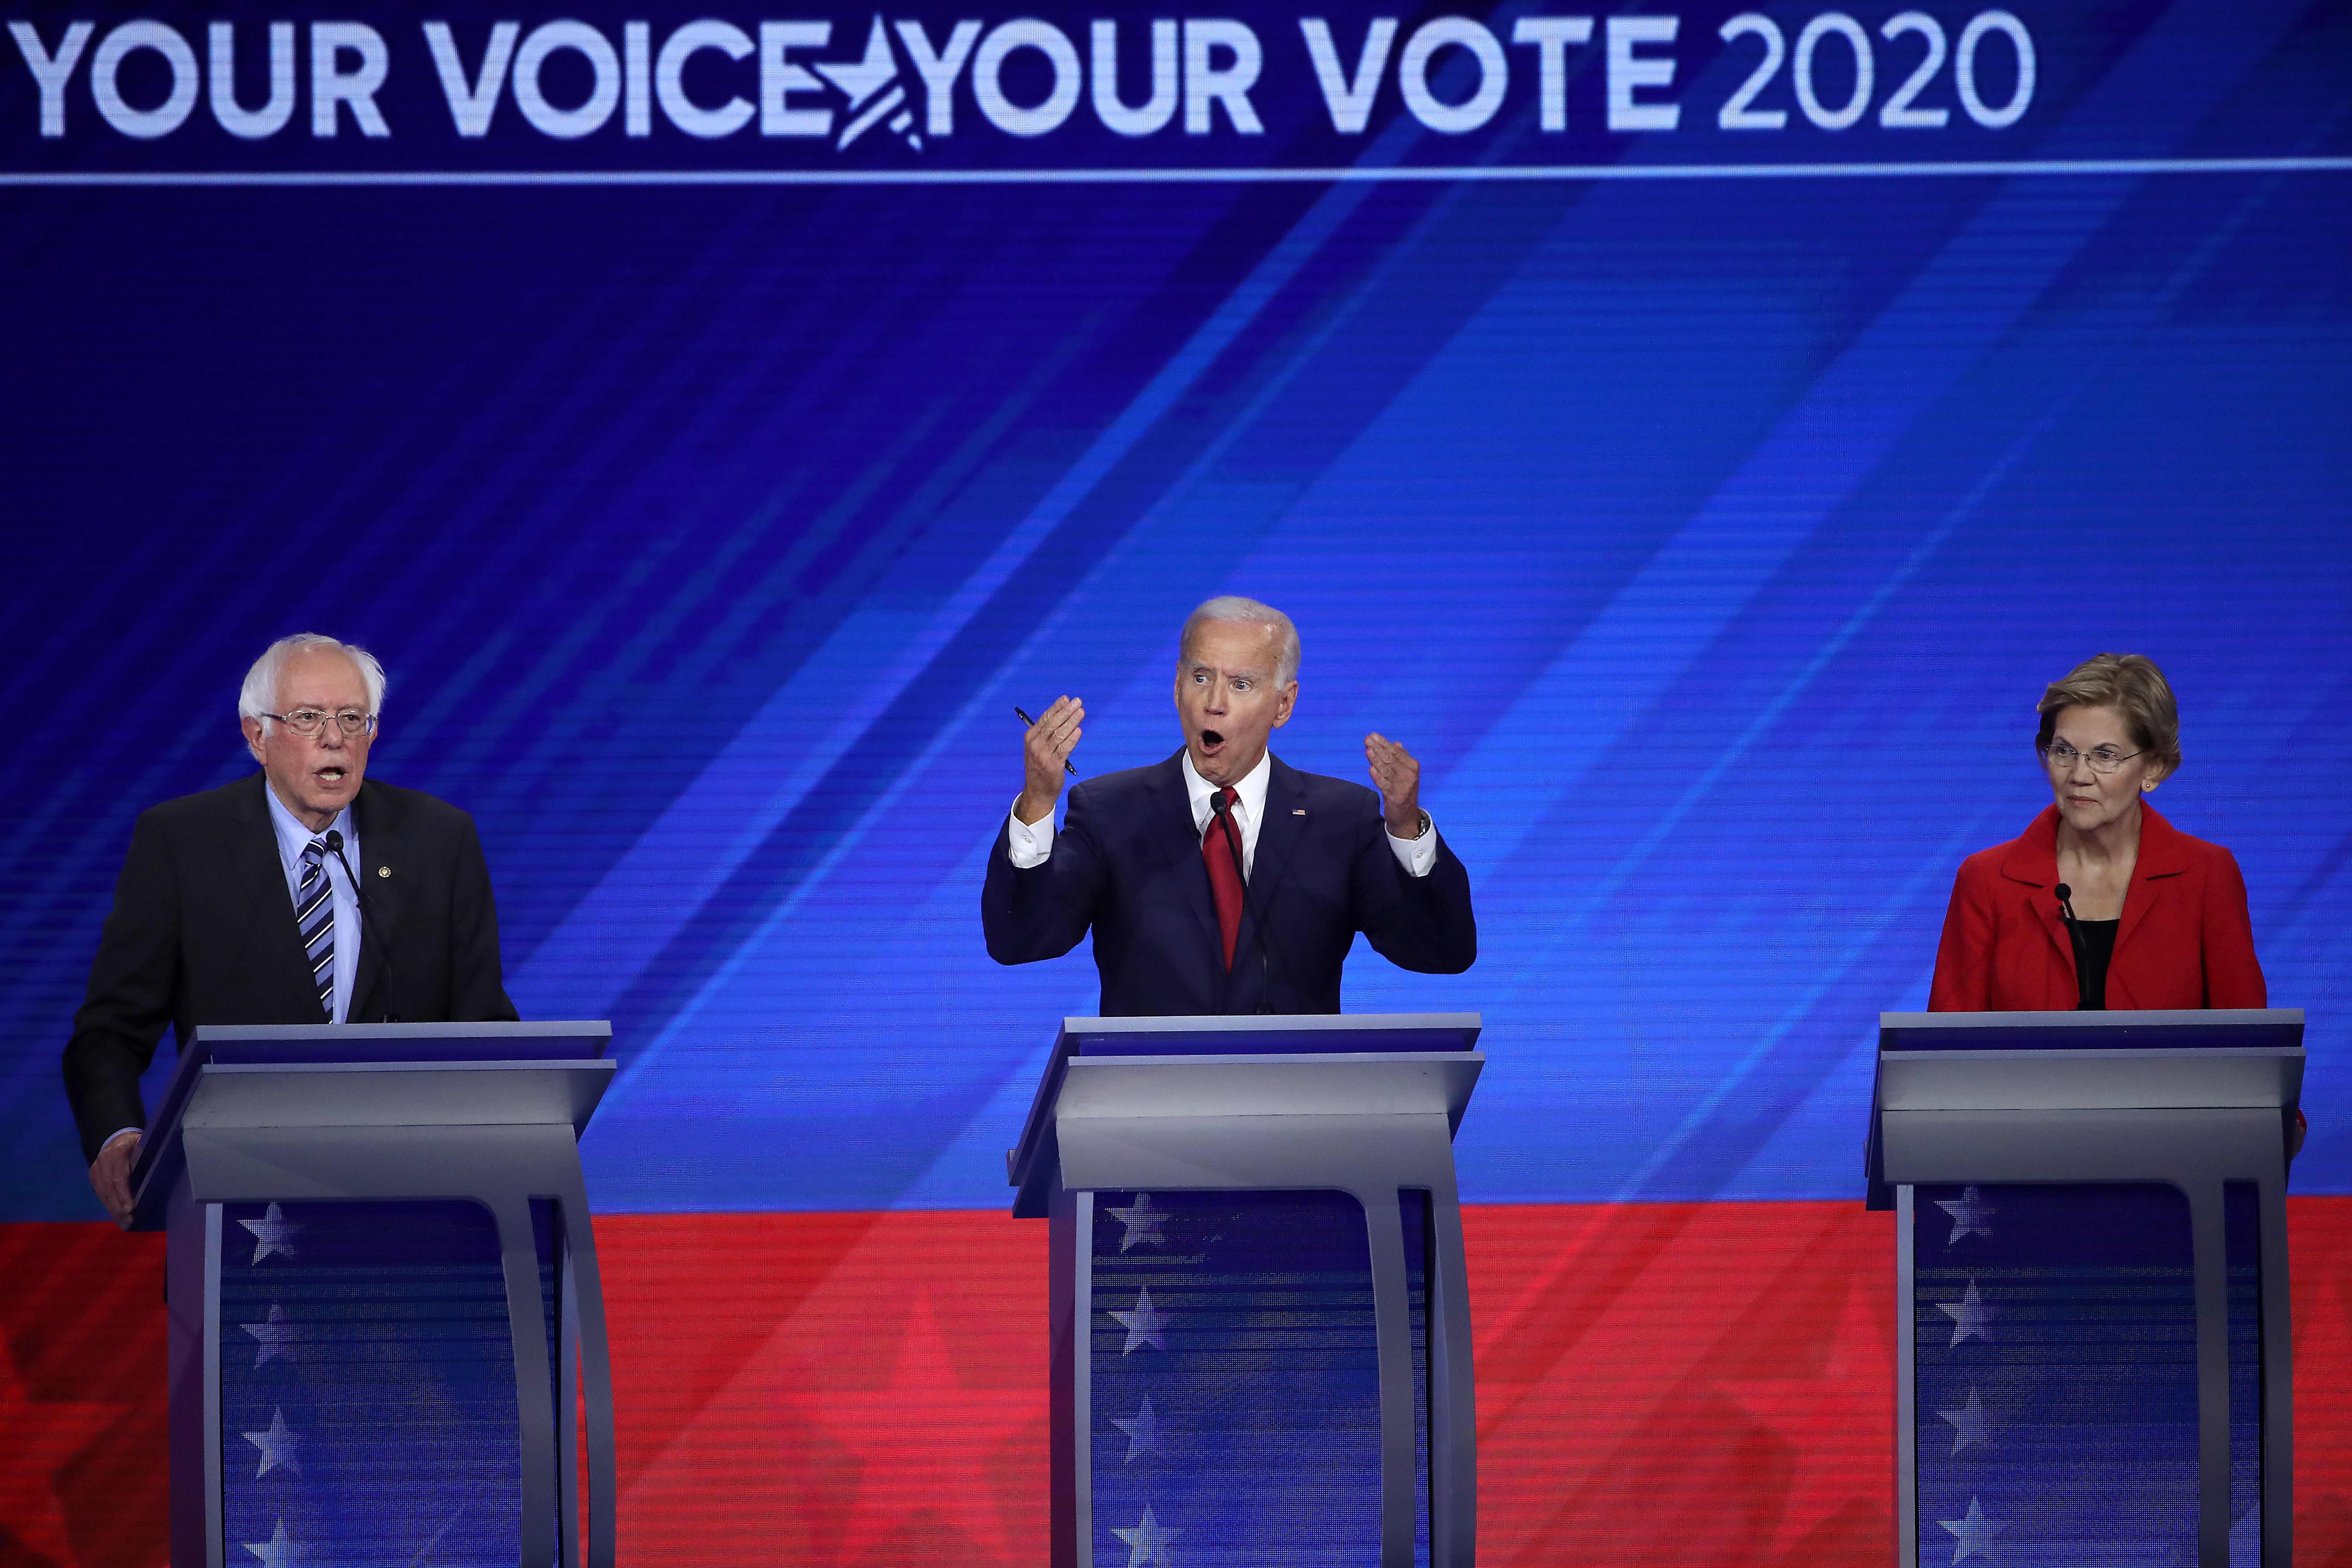 Biden goes after Warren and Sanders on health care in third Democratic primary debate